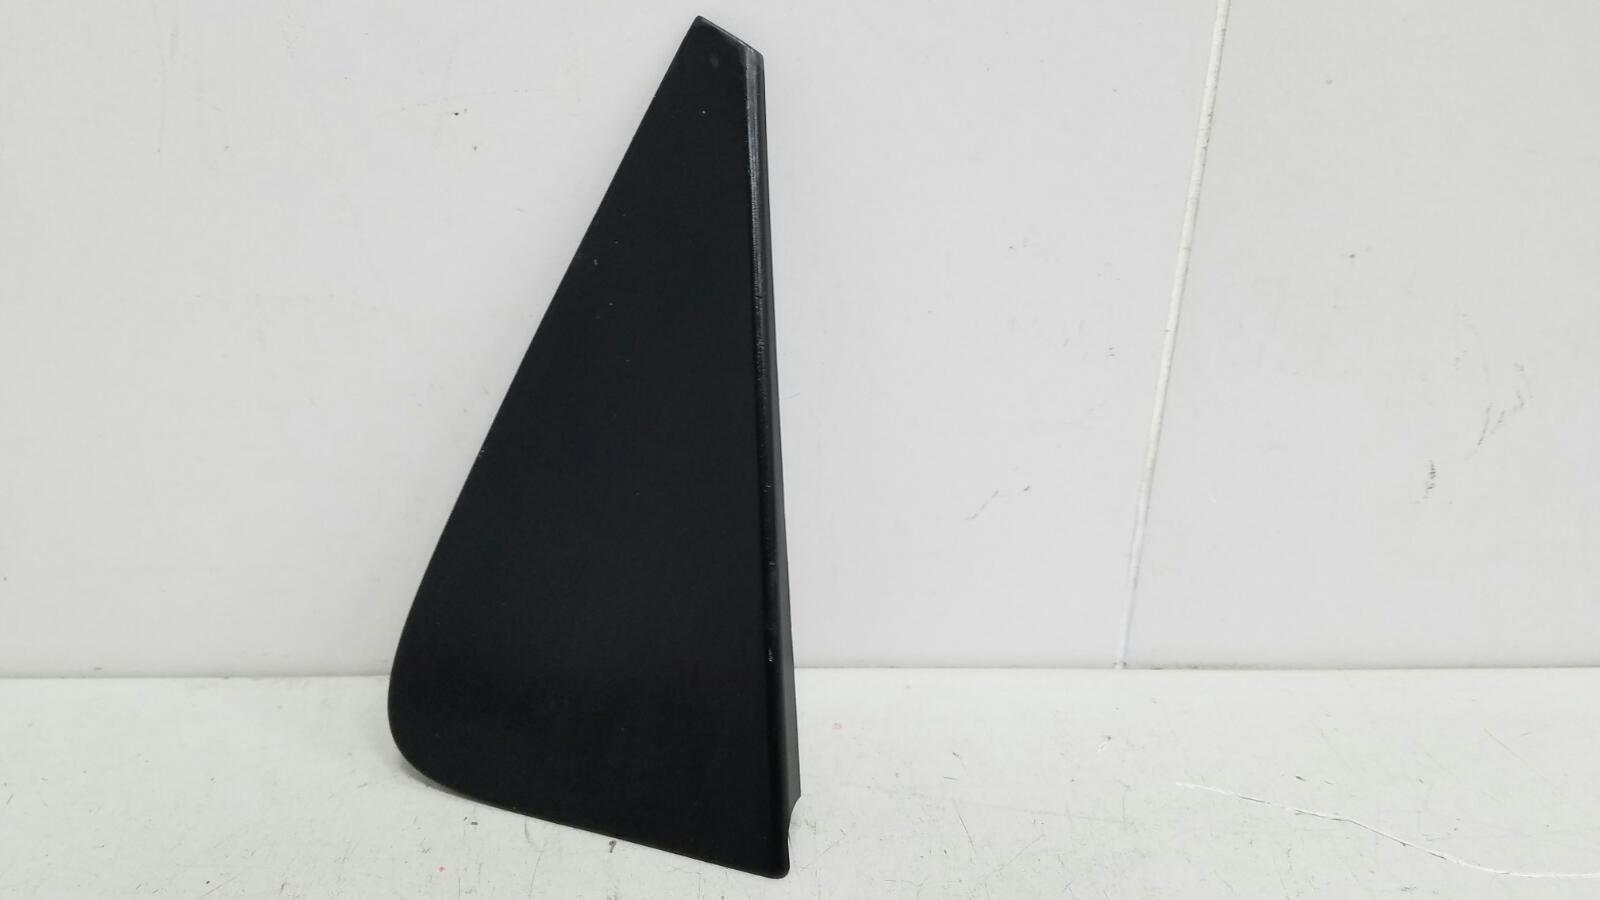 Накладка уголок двери заглушка зеркала Suzuki Sx4 GYA M16A 2012